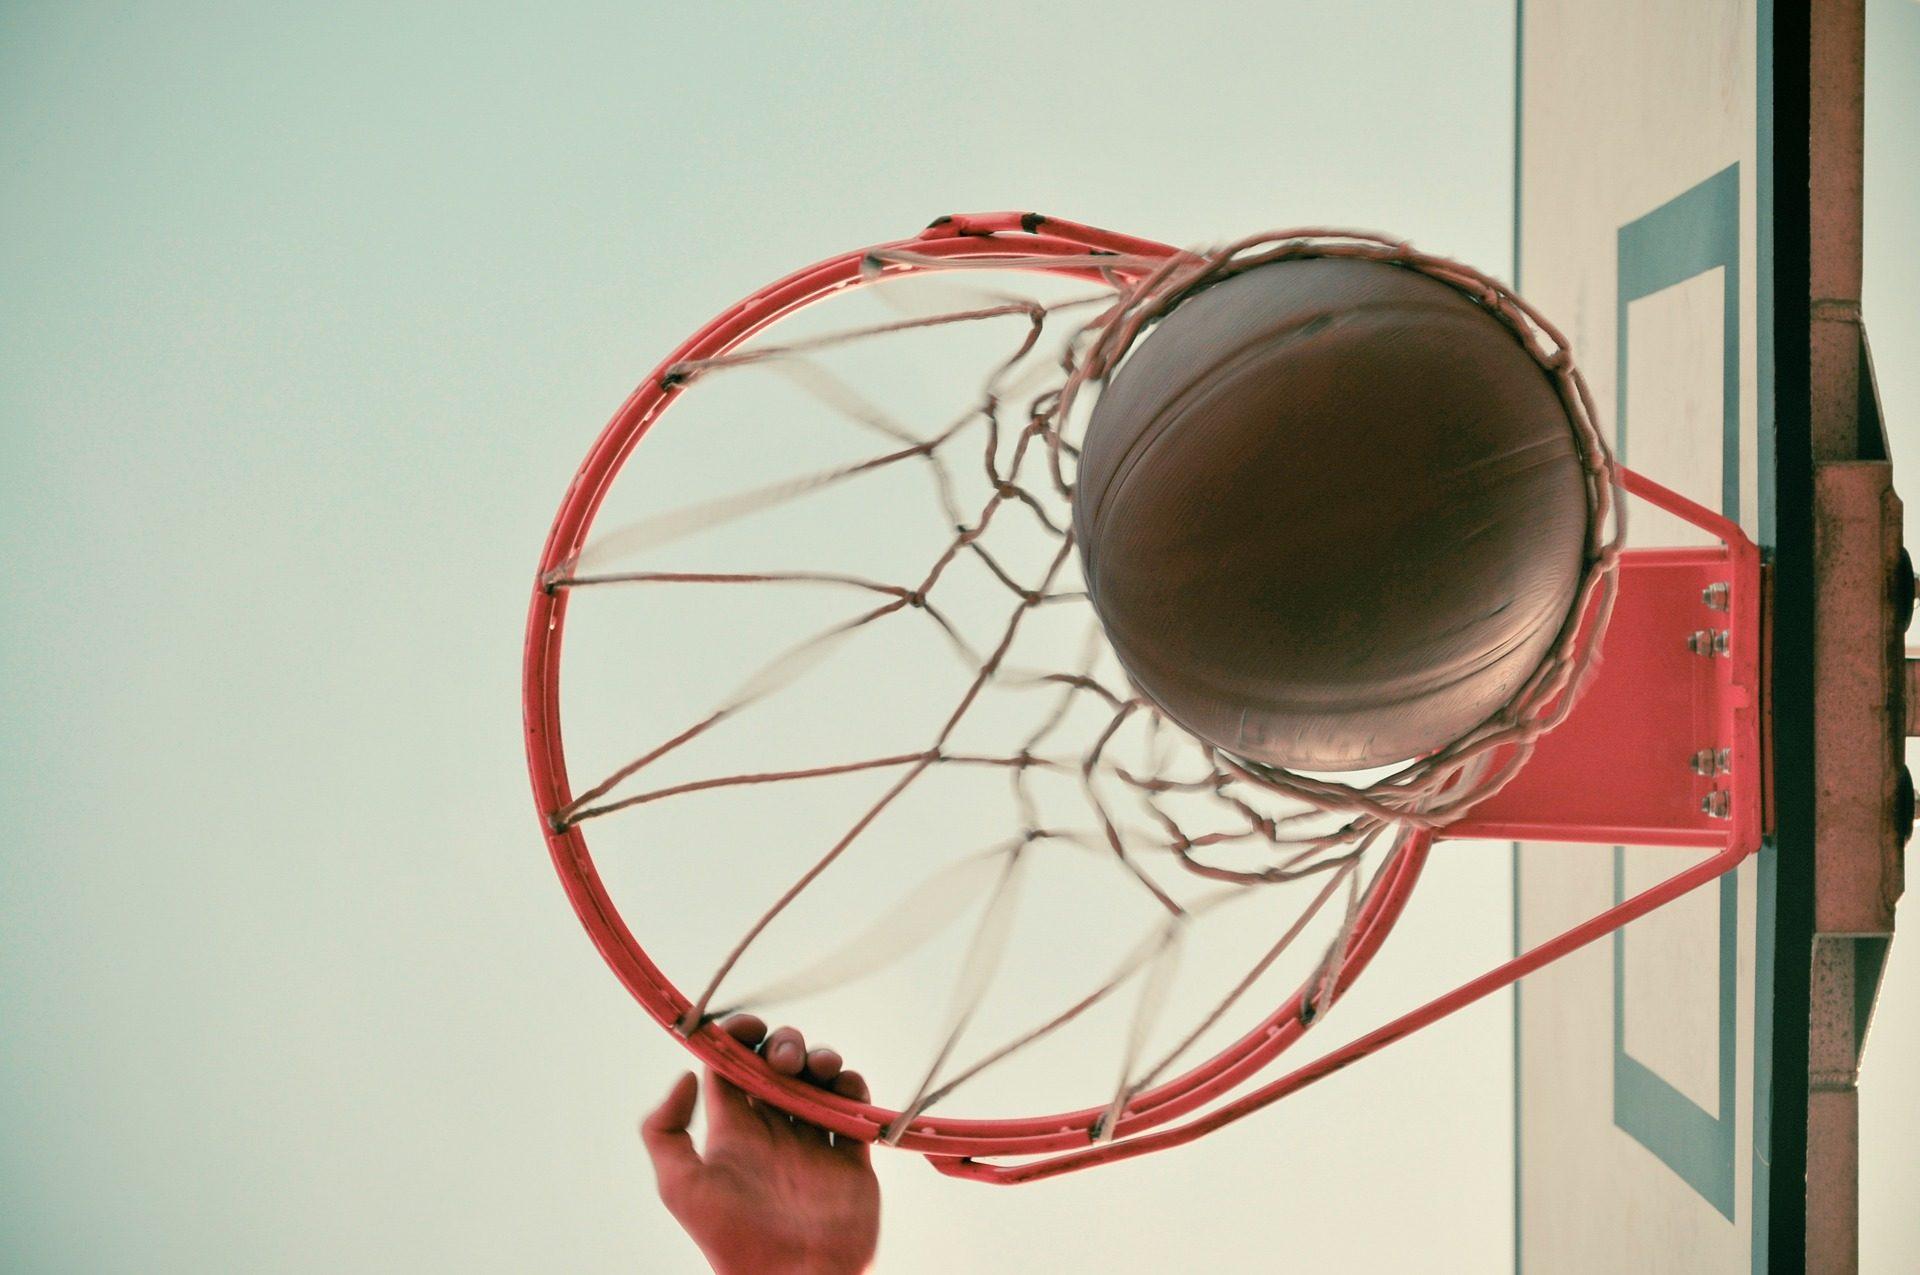 Basket-ball, panier, ballon, Ball, bague, réseau, main - Fonds d'écran HD - Professor-falken.com